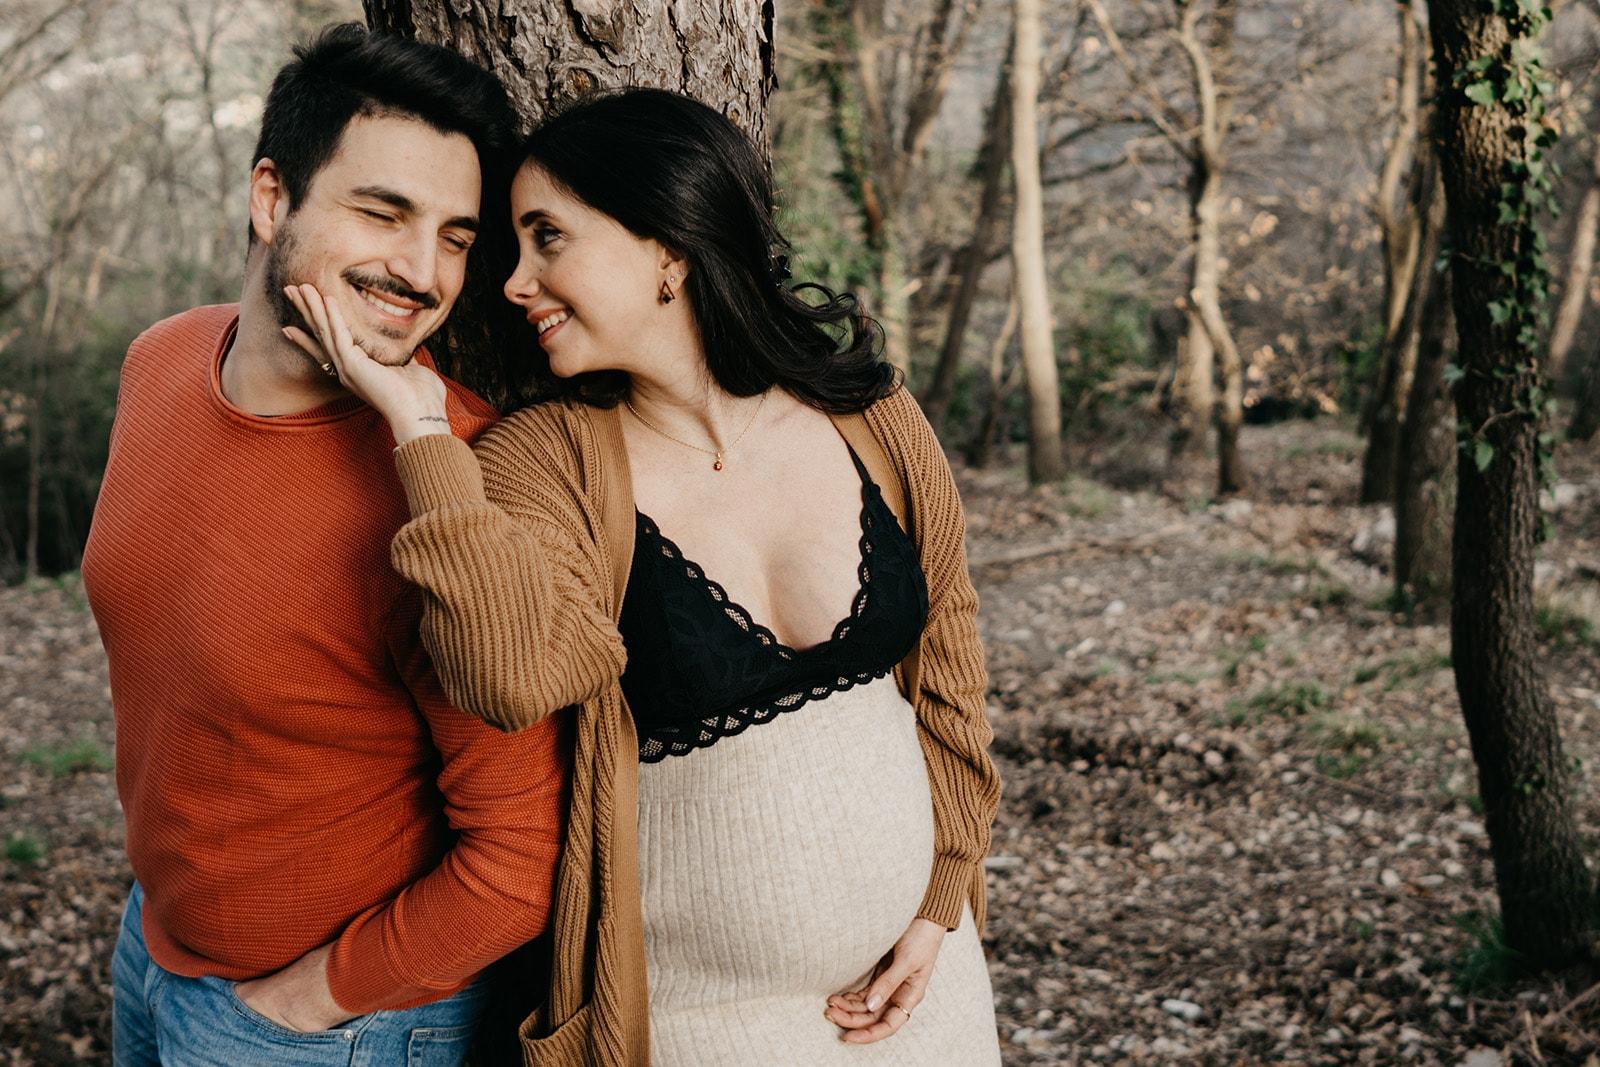 Rebecca Rinaldi fotografia maternità e gravidanza Genova. Futura mamma e futuro papà appoggiati ad un albero si guardano e ridono.